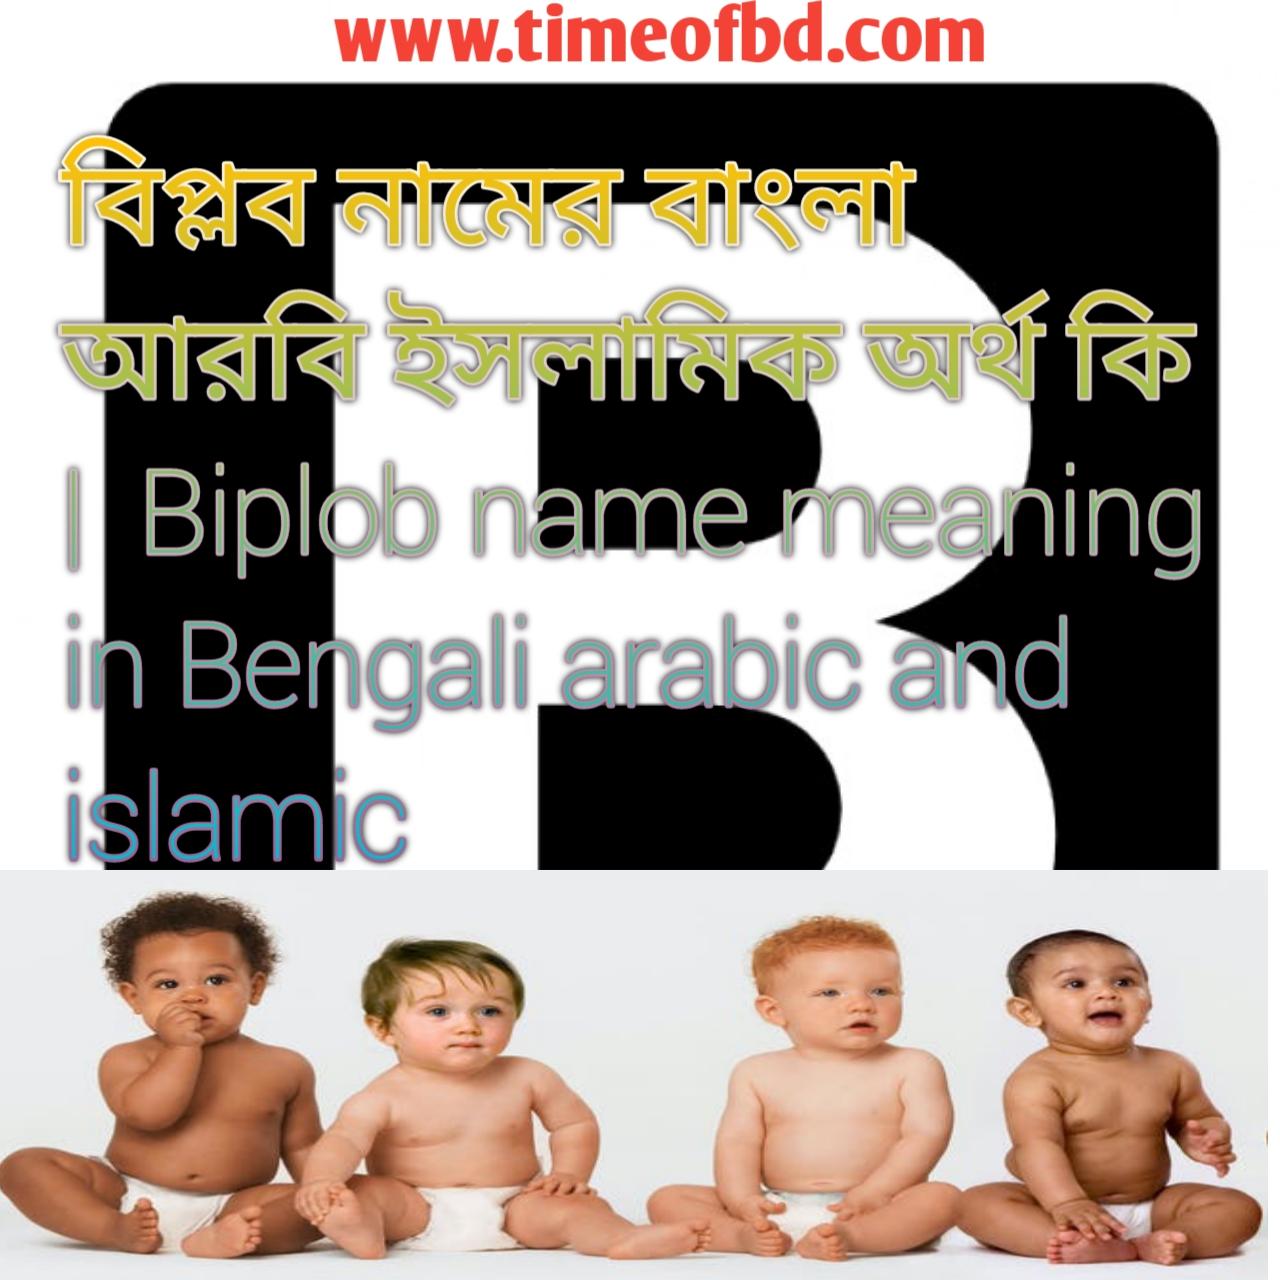 বিপ্লব নামের অর্থ কি, বিপ্লব নামের বাংলা অর্থ কি, বিপ্লব নামের ইসলামিক অর্থ কি, Biplob name in Bengali, বিপ্লব কি ইসলামিক নাম,